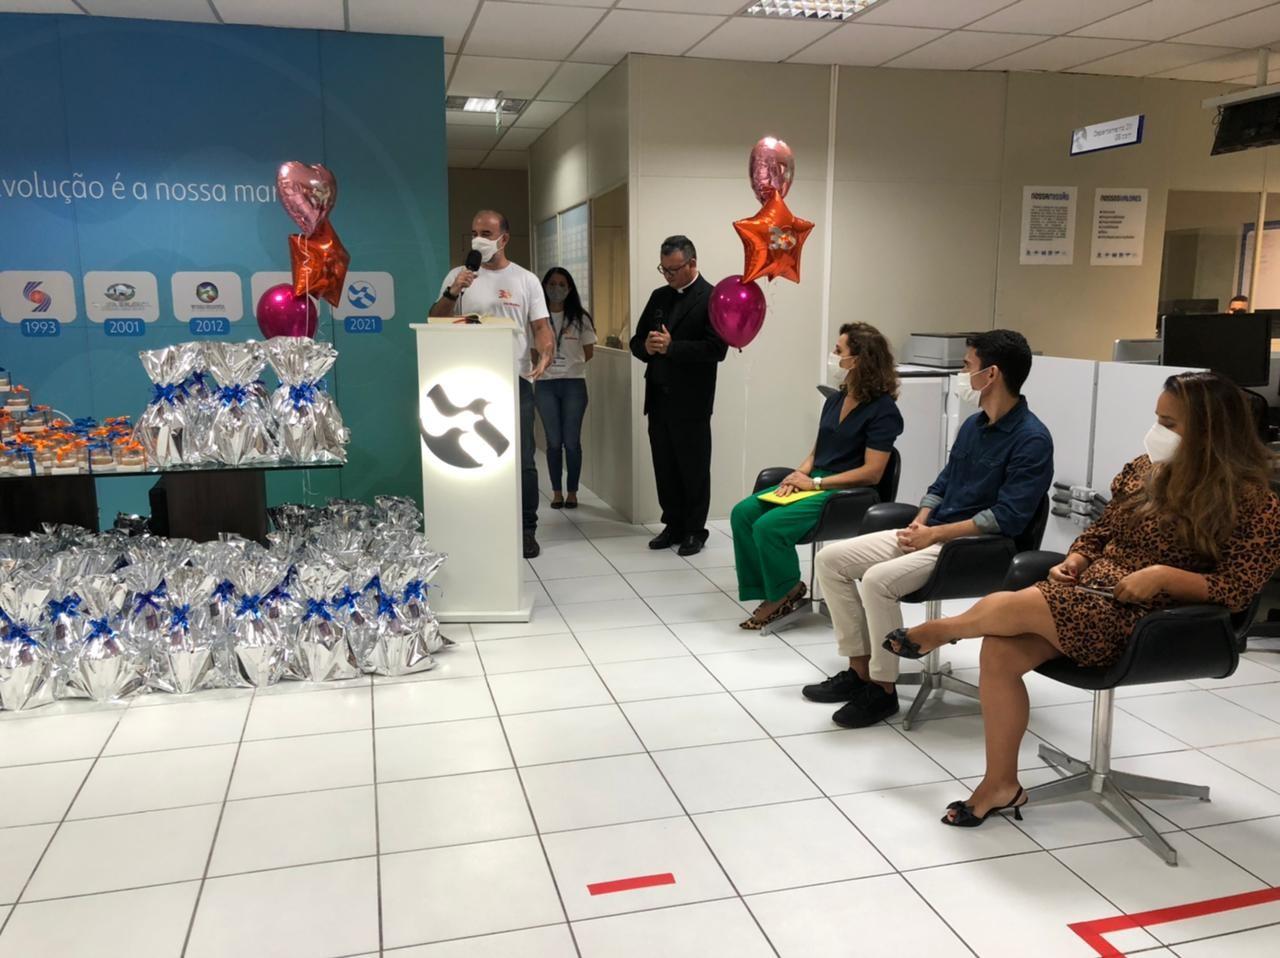 TV Asa Branca comemora 30 anos com missa na sede da emissora